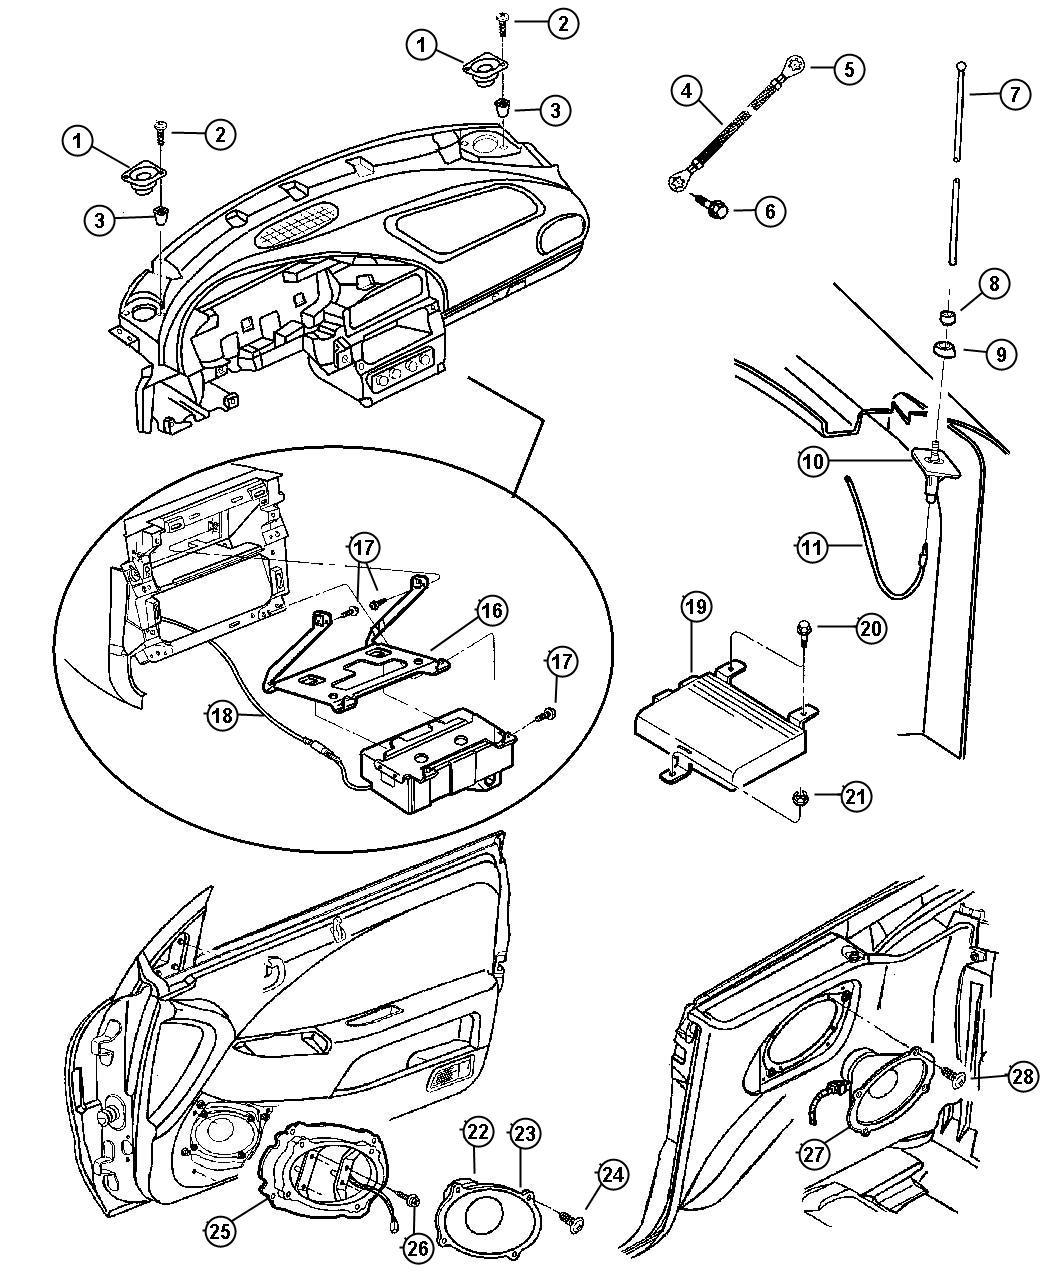 Chrysler Sebring Speakers Antenna And Amplifier